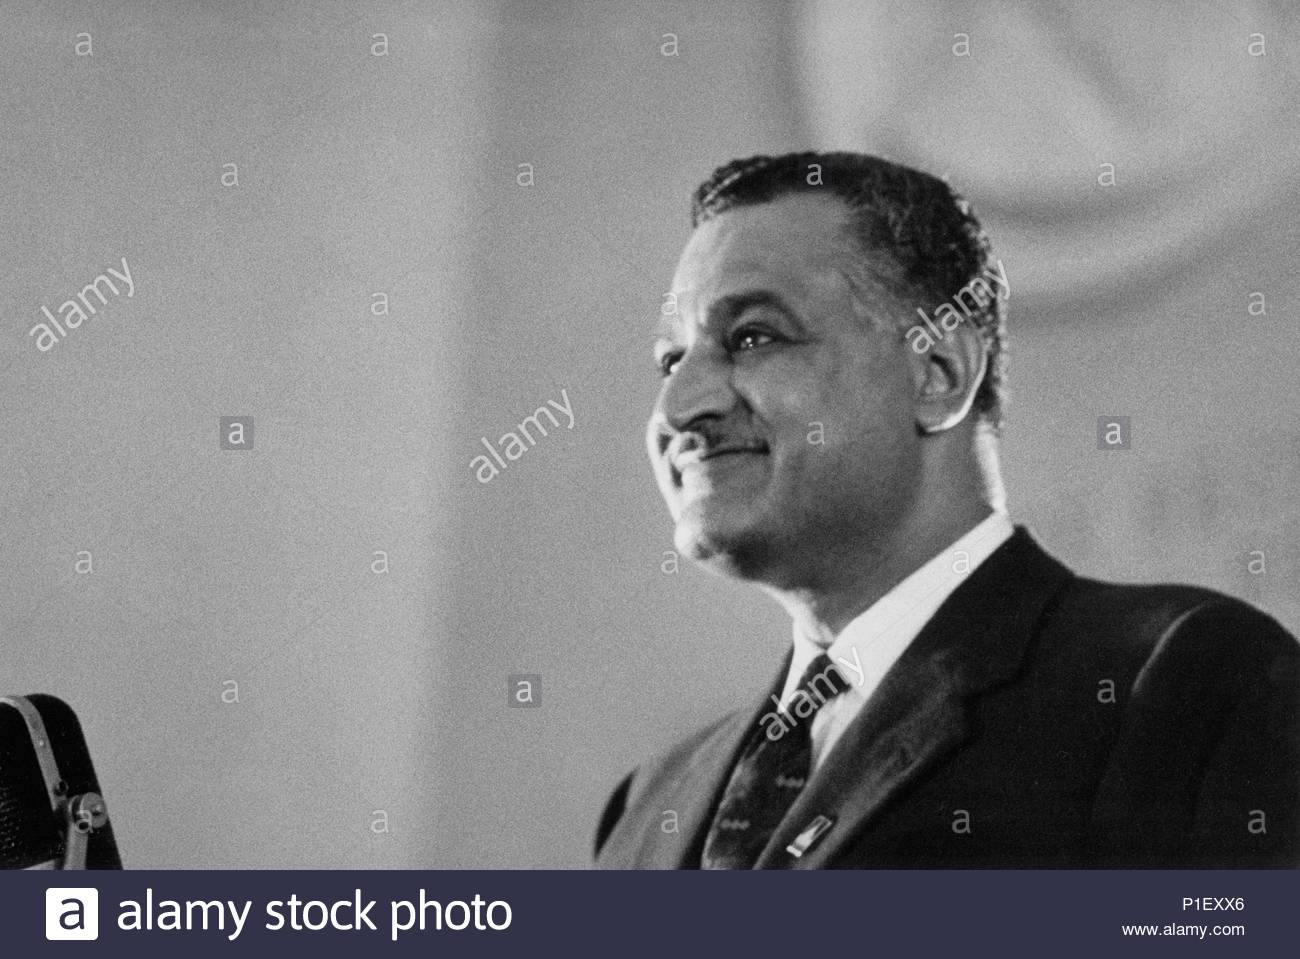 Le Prsident Gyptien Gamal Abd El Nasser Sur Un 18 Jours Visite Moscou